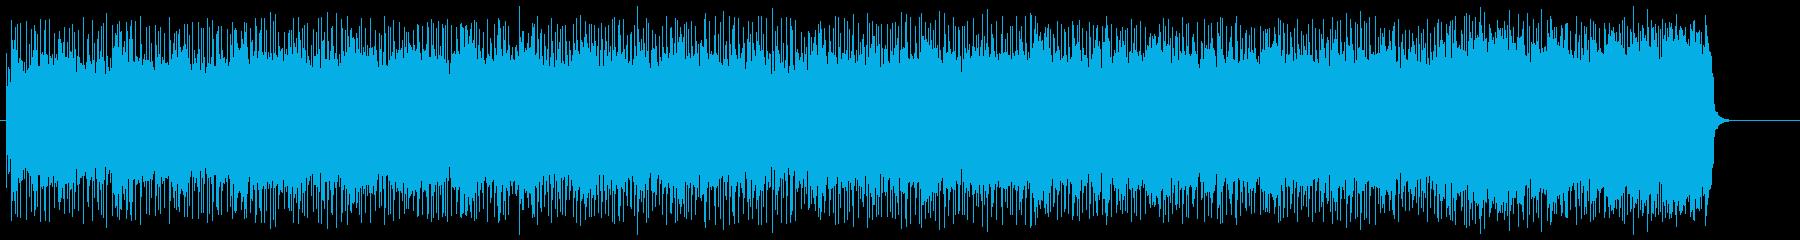 激闘マイナー・ファンク・メタルの再生済みの波形